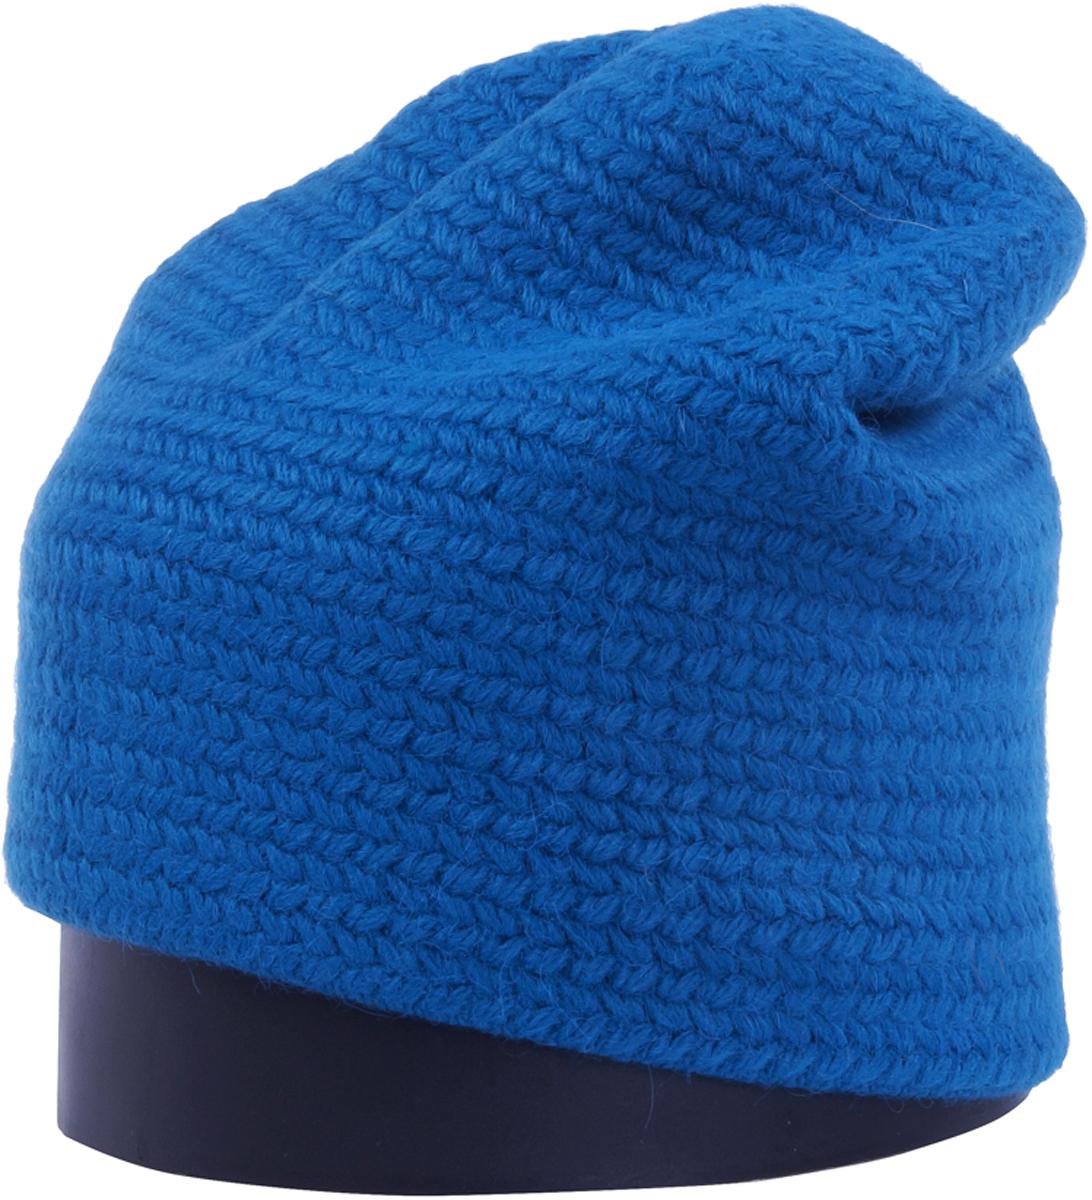 Шапка женская Vittorio Richi, цвет: бирюза. Aut241891V-19/17. Размер 56/58Aut241891VСтильная женская шапка Vittorio Richi отлично дополнит ваш образ в холодную погоду. Модель, изготовленная из высококачественных материалов, максимально сохраняет тепло и обеспечивает удобную посадку. Привлекательная стильная шапка подчеркнет ваш неповторимый стиль и индивидуальность.